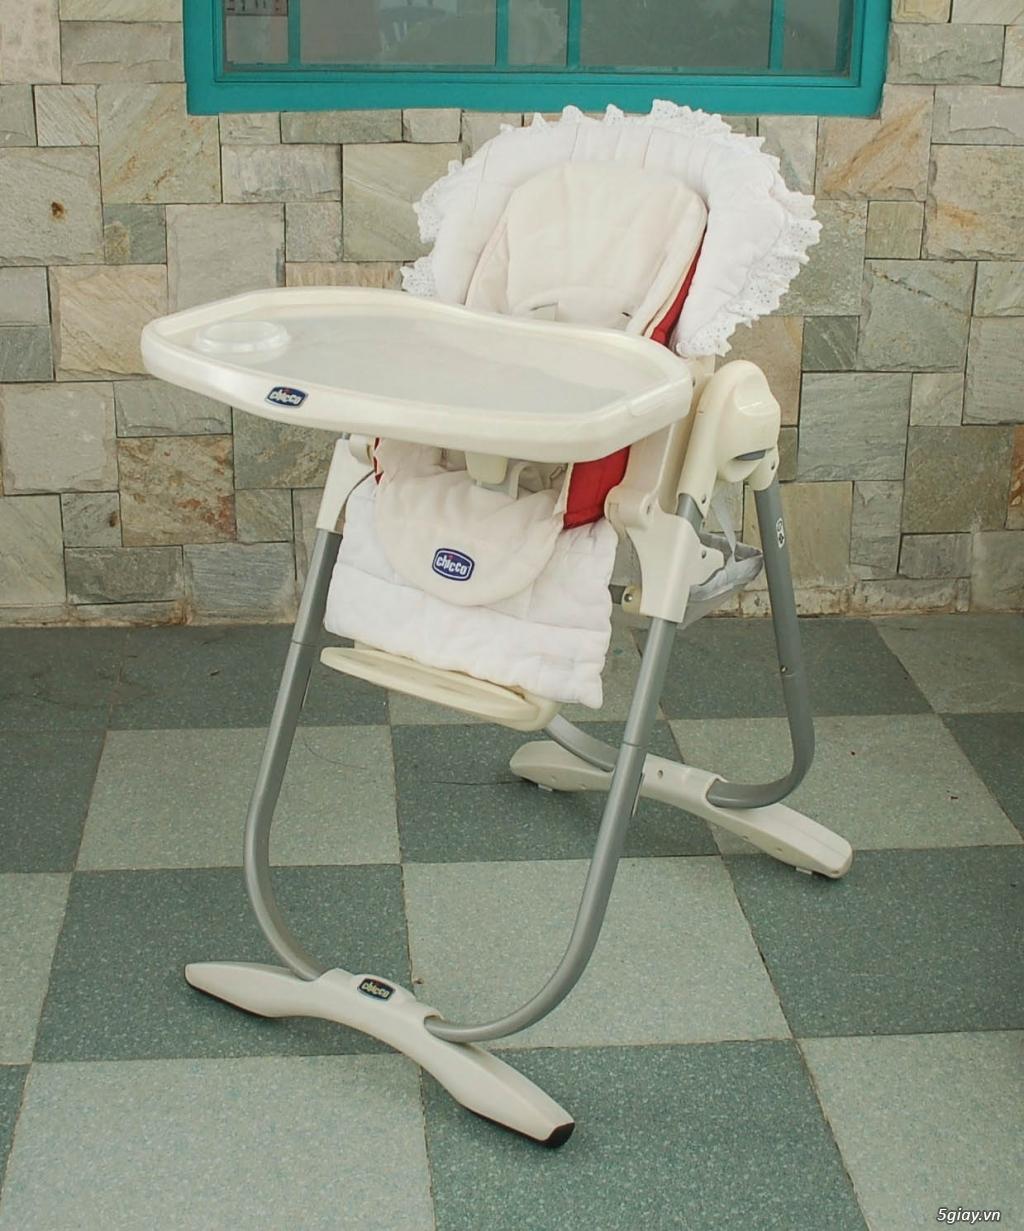 Xe 3 bánh - Ghế nôi đa năng Combi - Aprica - Baby Trend - 31